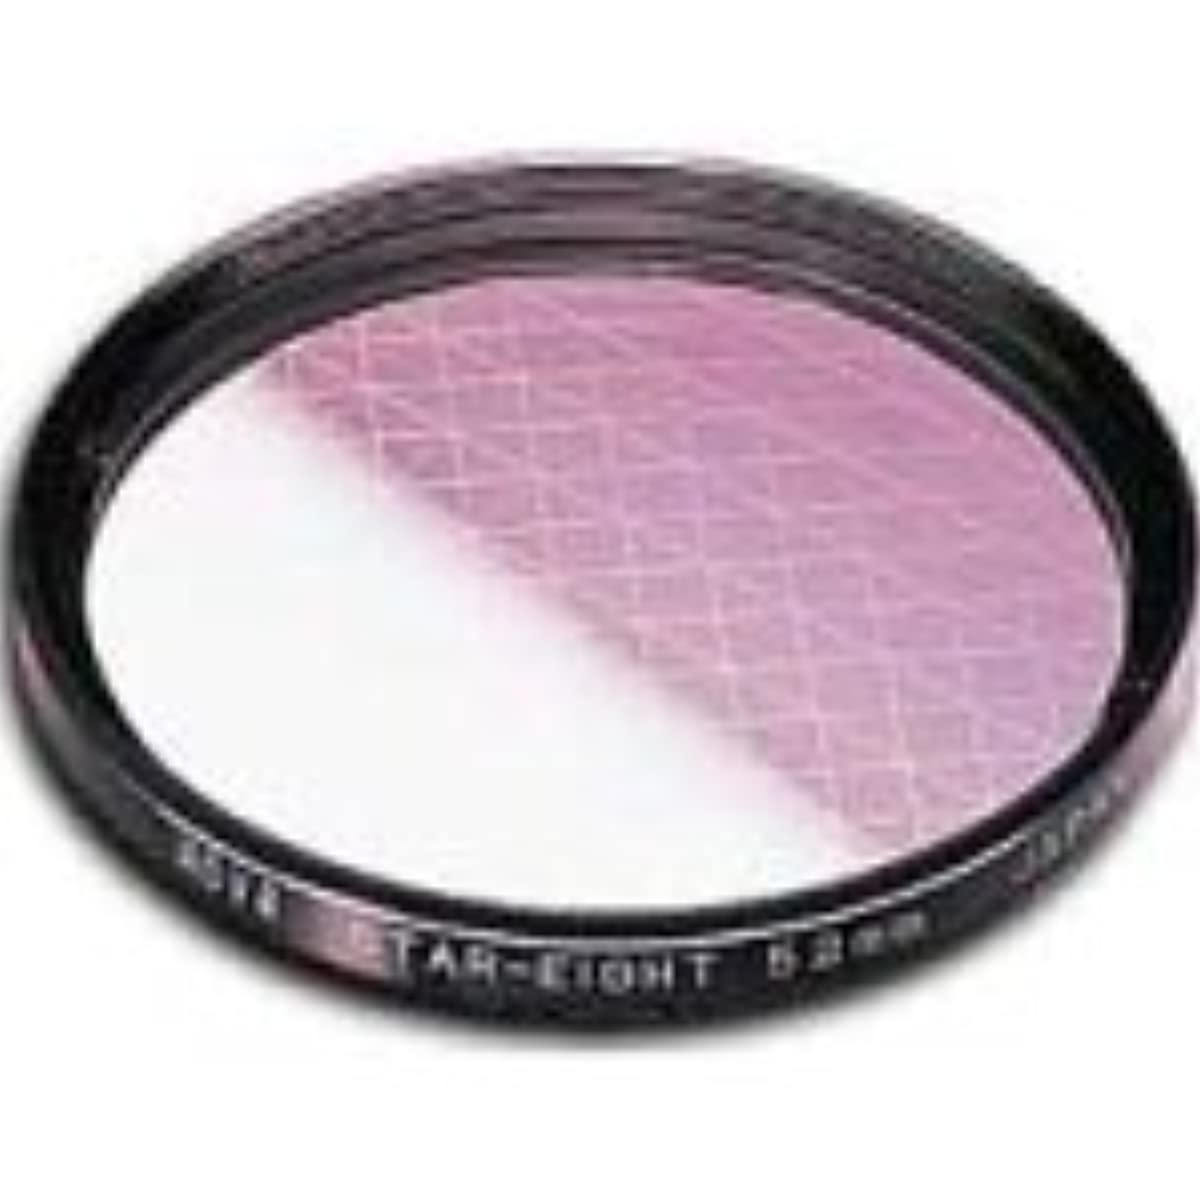 Hoya 72mm Eight Point Cross Screen Glass Filter (8X)